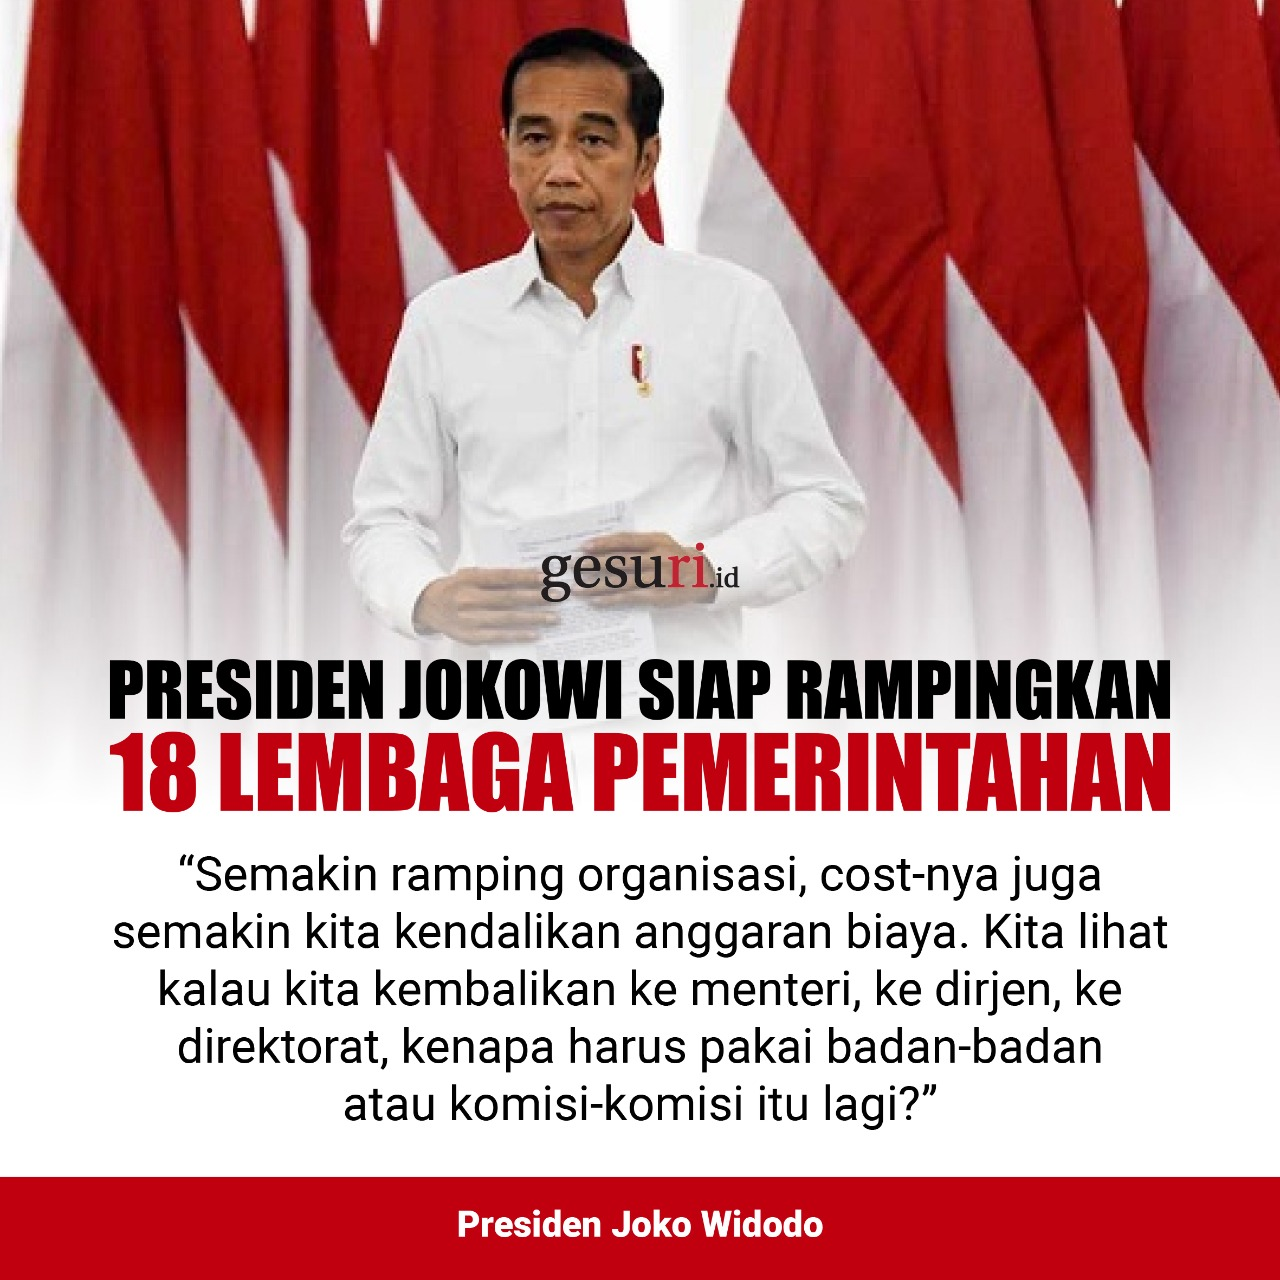 Presiden Jokowi Siap Rampingkan 18 Lembaga Pemerintahan